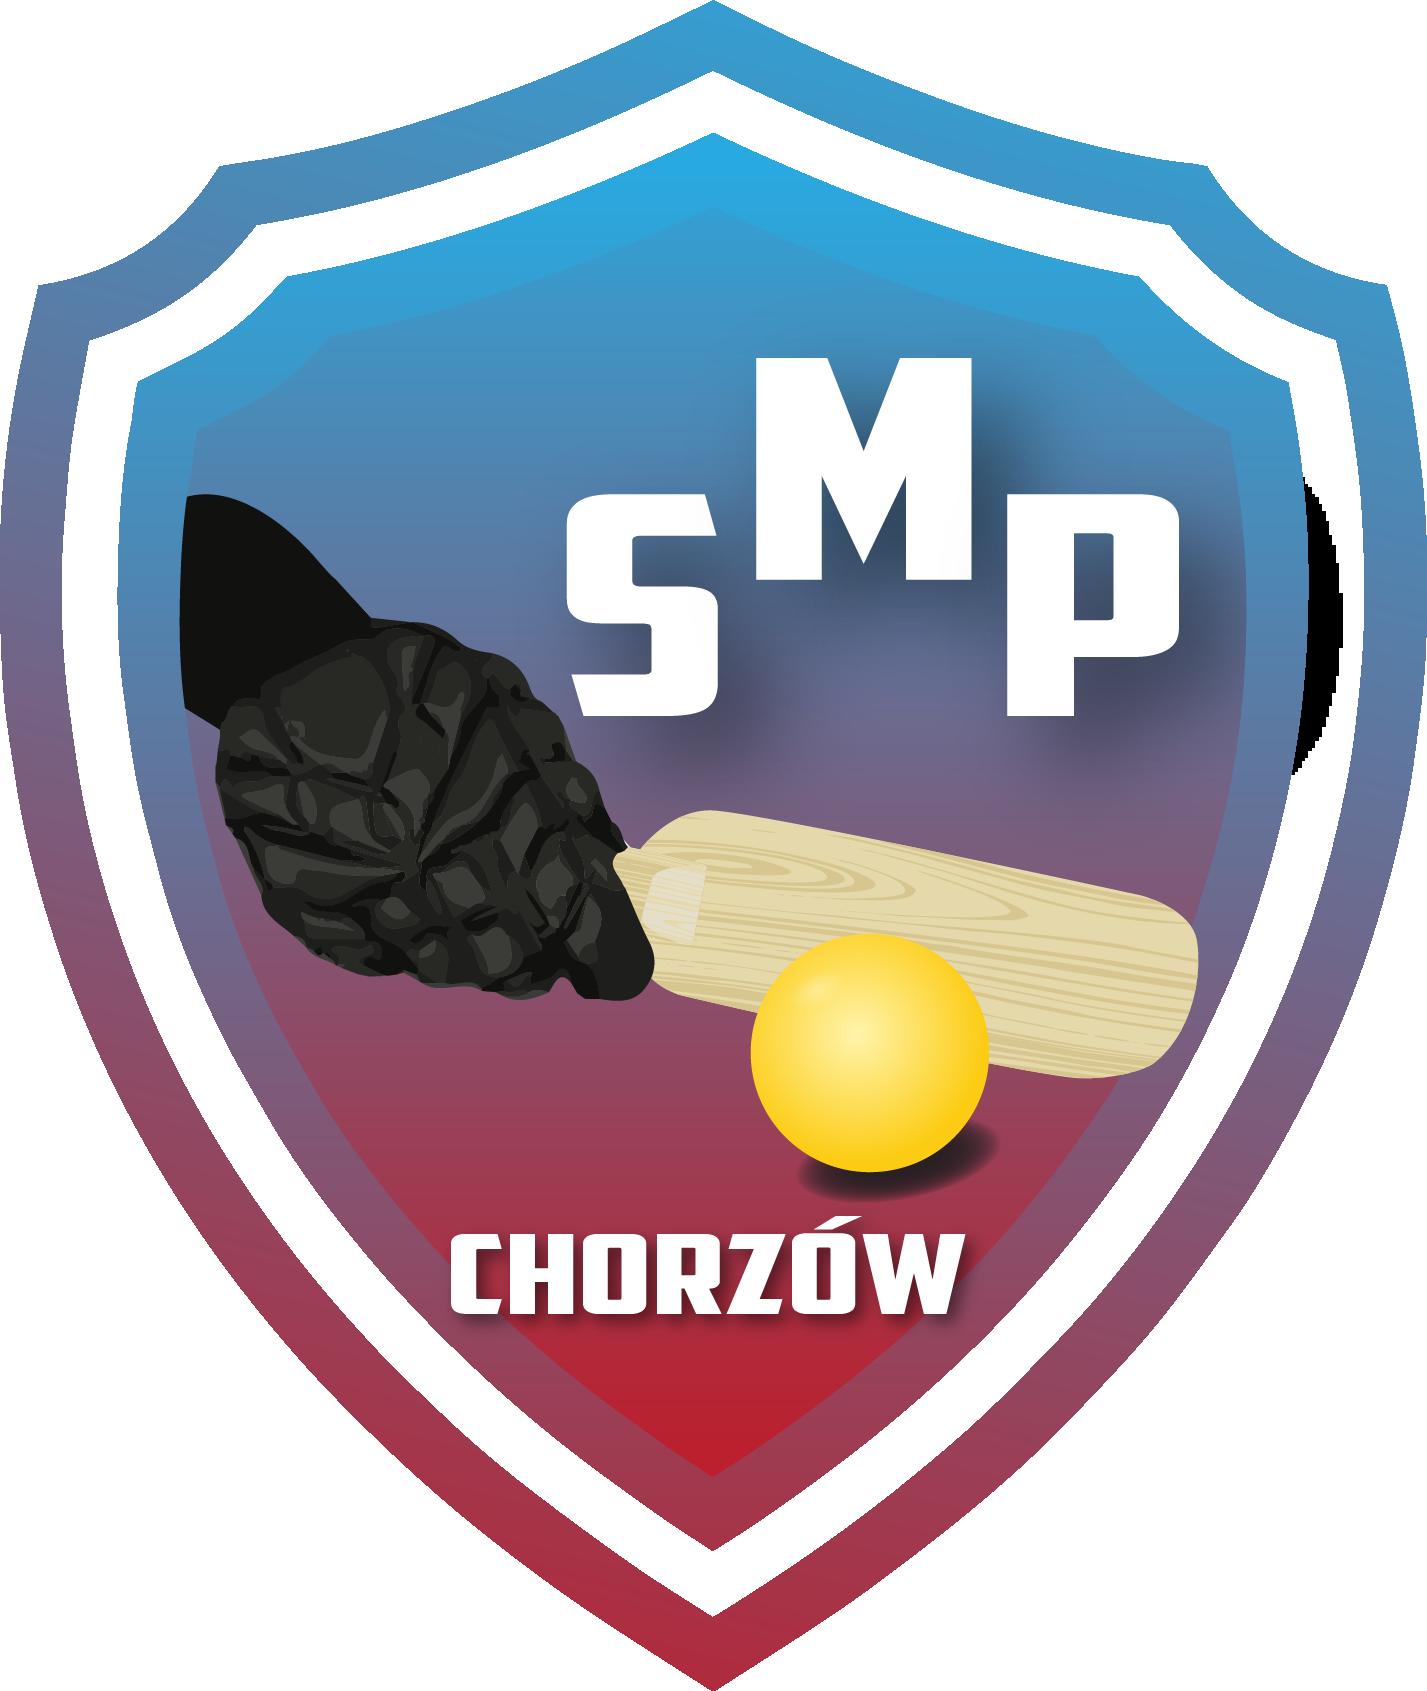 Logotyp herb, na środku rękawica trzymająca rakietkę do Showdown z piłeczką. U góry napis SMP, na dole napis Chorzów